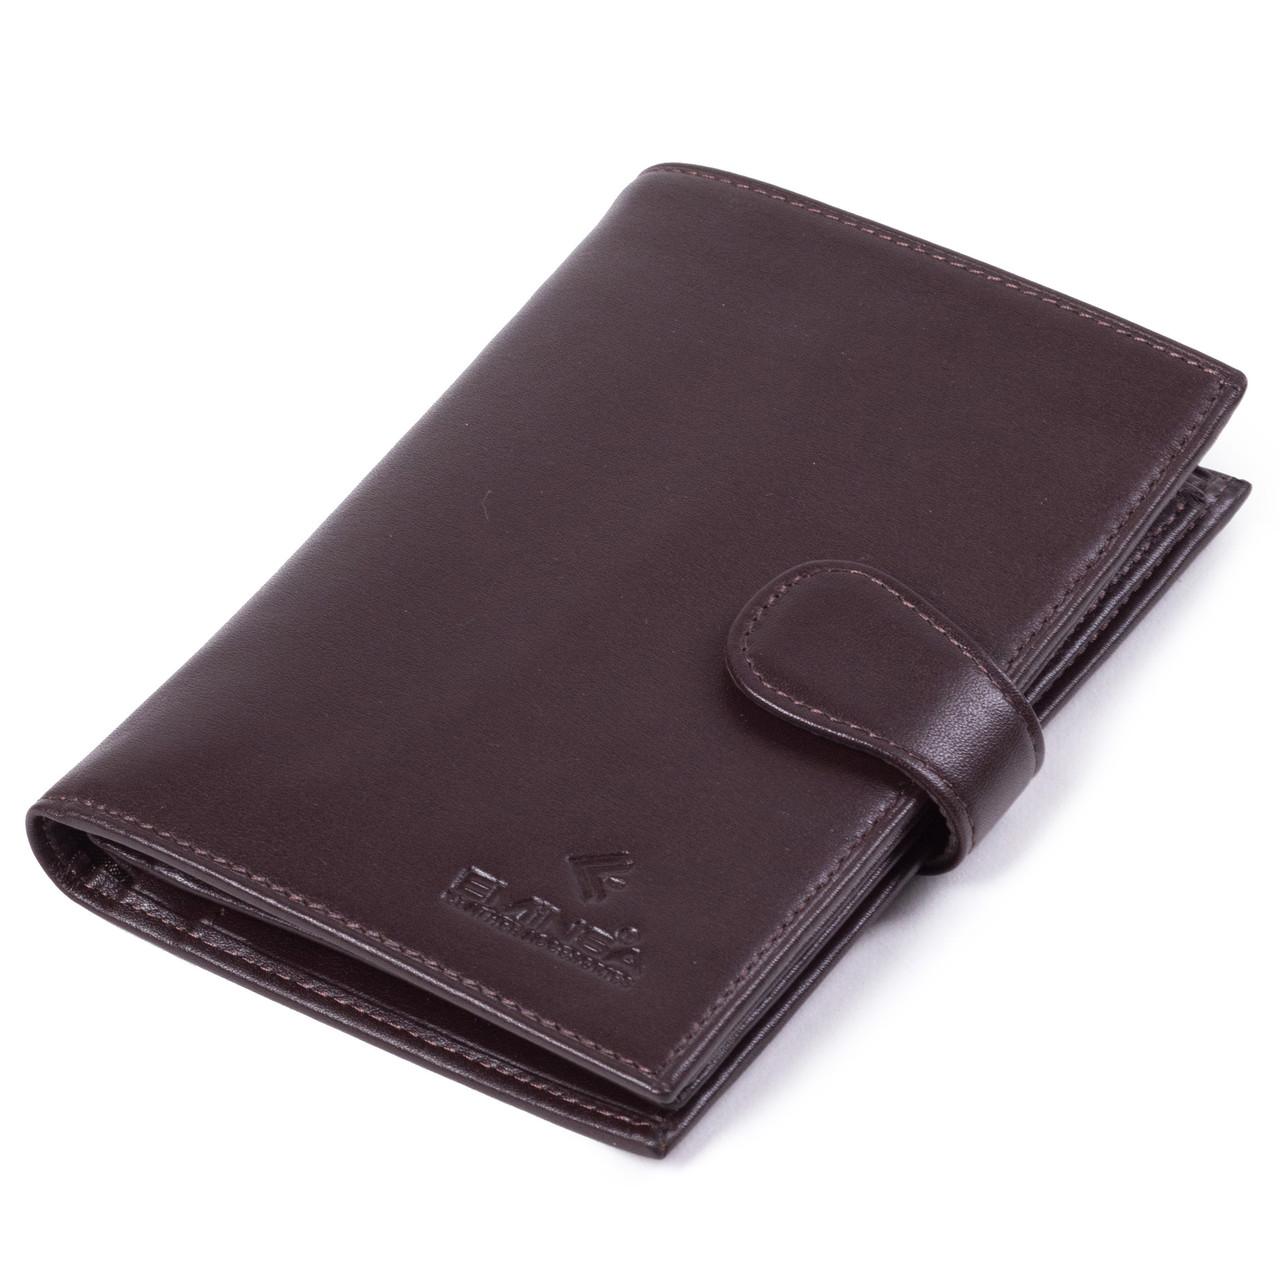 Мужское портмоне Eminsa 1001-19-3 кожаное с отделением для паспорта коричневое